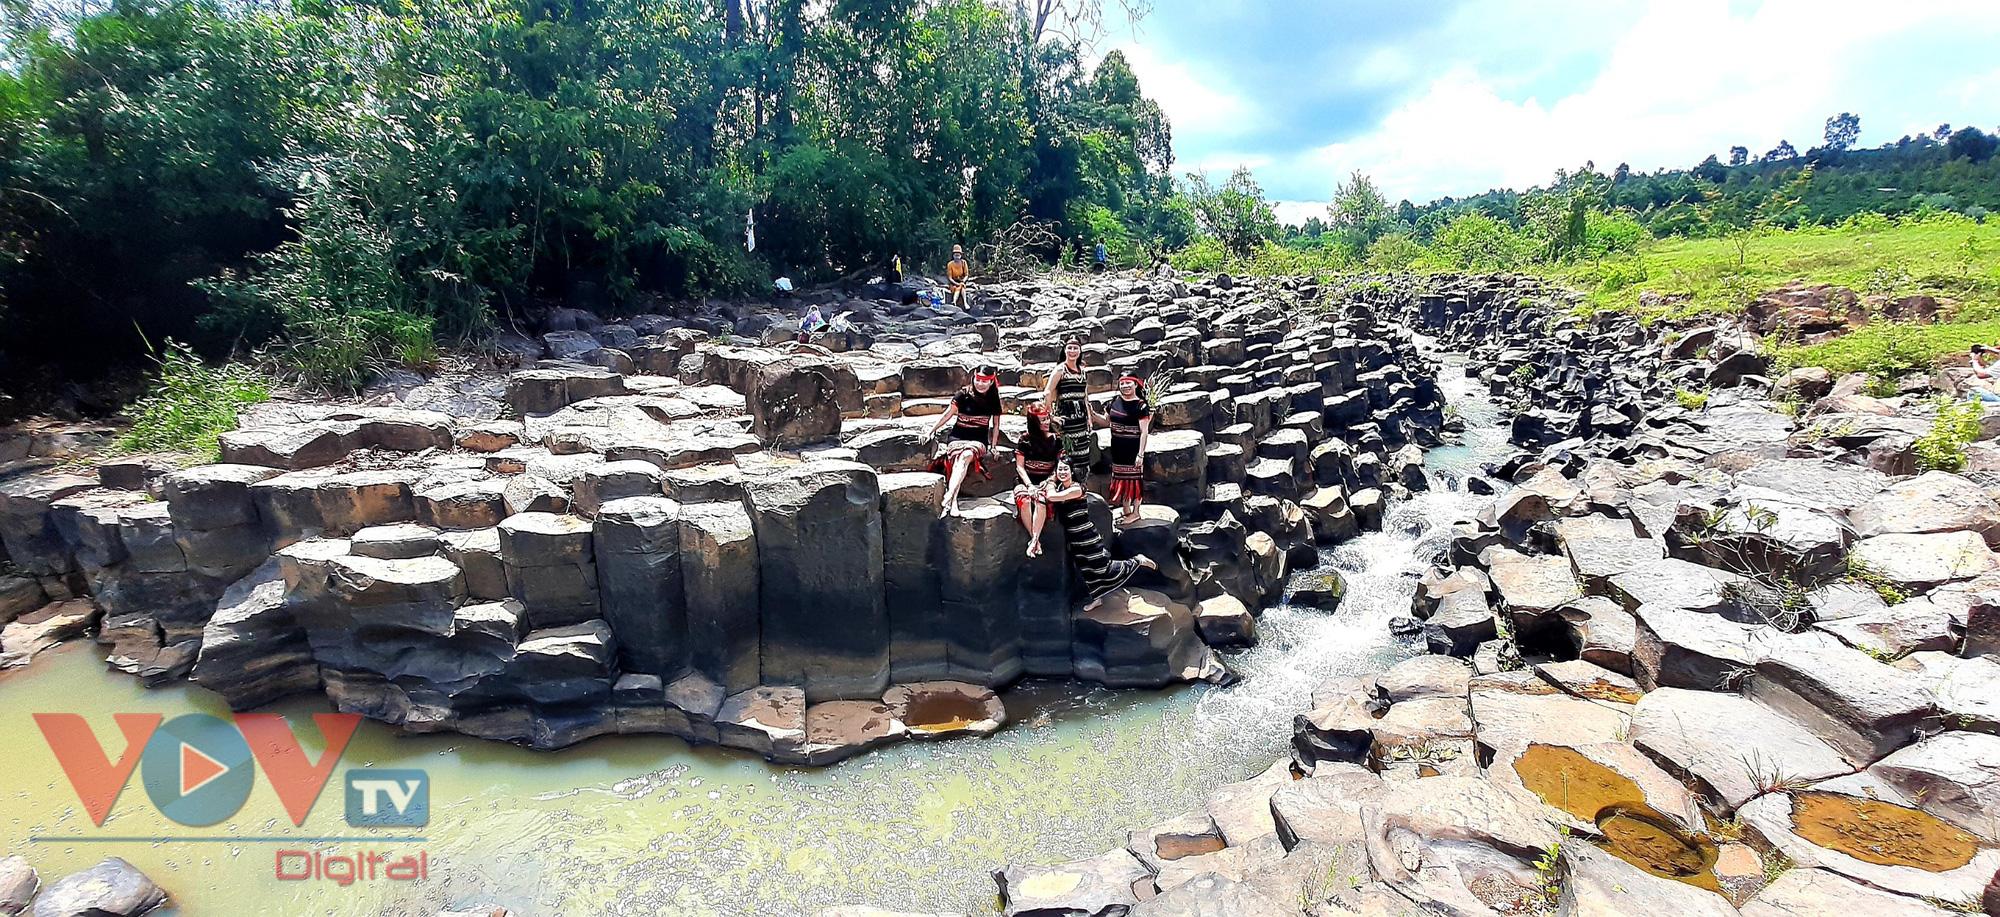 Gia Lai: Mê đắm vẻ đẹp hoang sơ của suối đá núi lửa Ia Ruai - Ảnh 11.